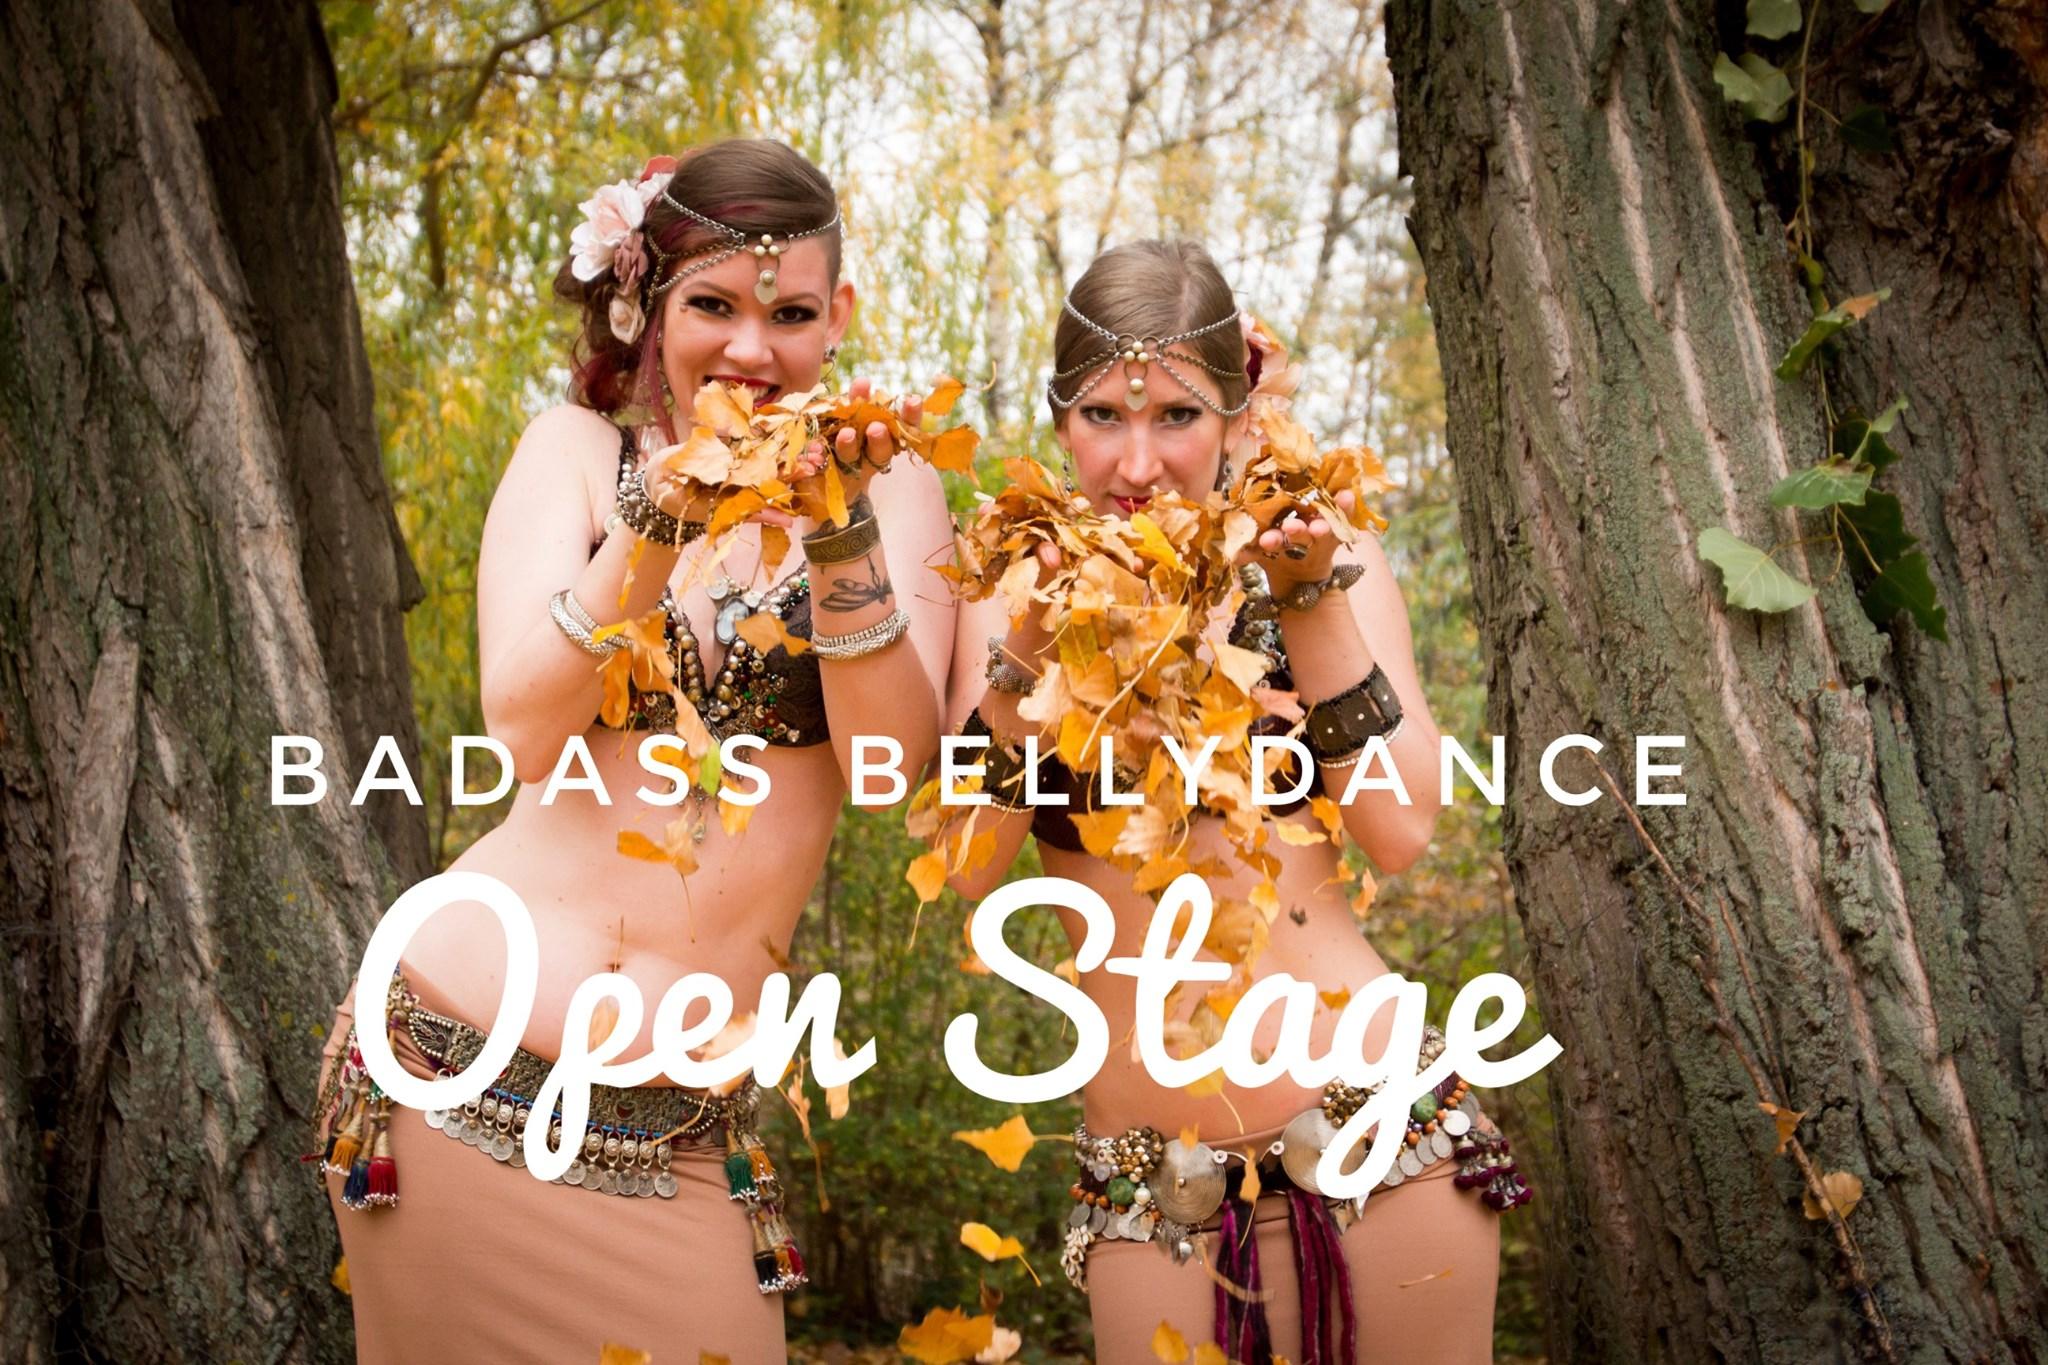 Wüstenrosen @ Badass Bellydance Open Stage am 9. November 2019